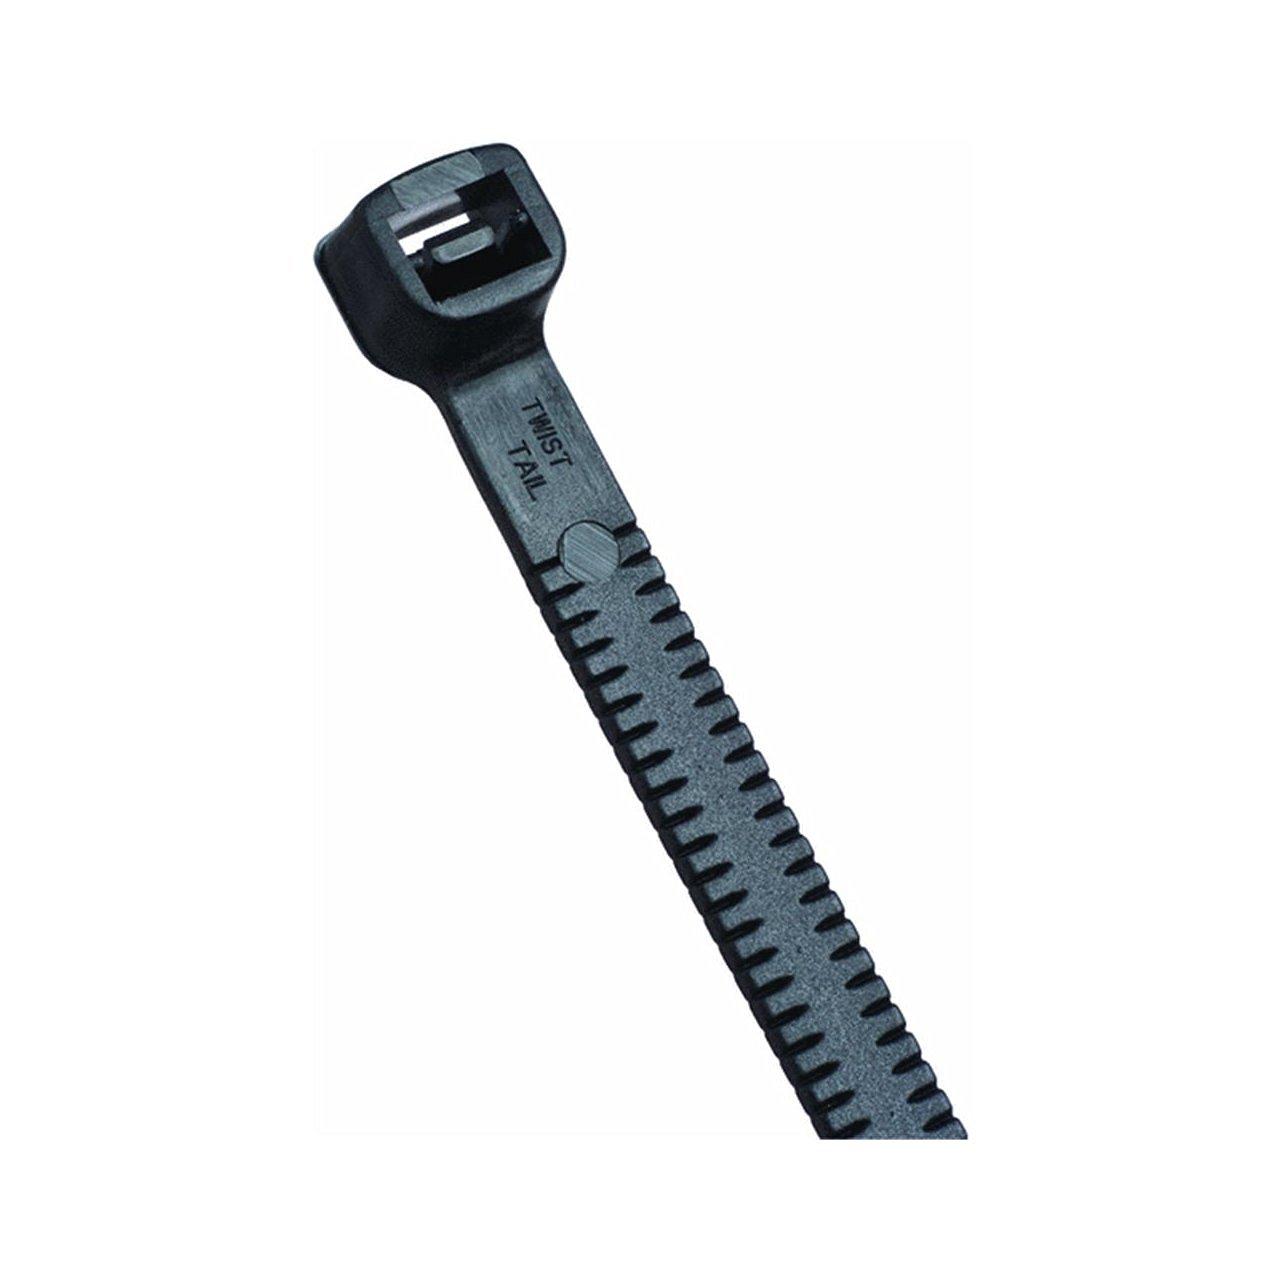 THOMAS & BETTS/CARLON TT-11-30-0-L Twist Tail Cable Tie, 3 in, 6/6 Nylon, Uv, 11.7 in L, Black